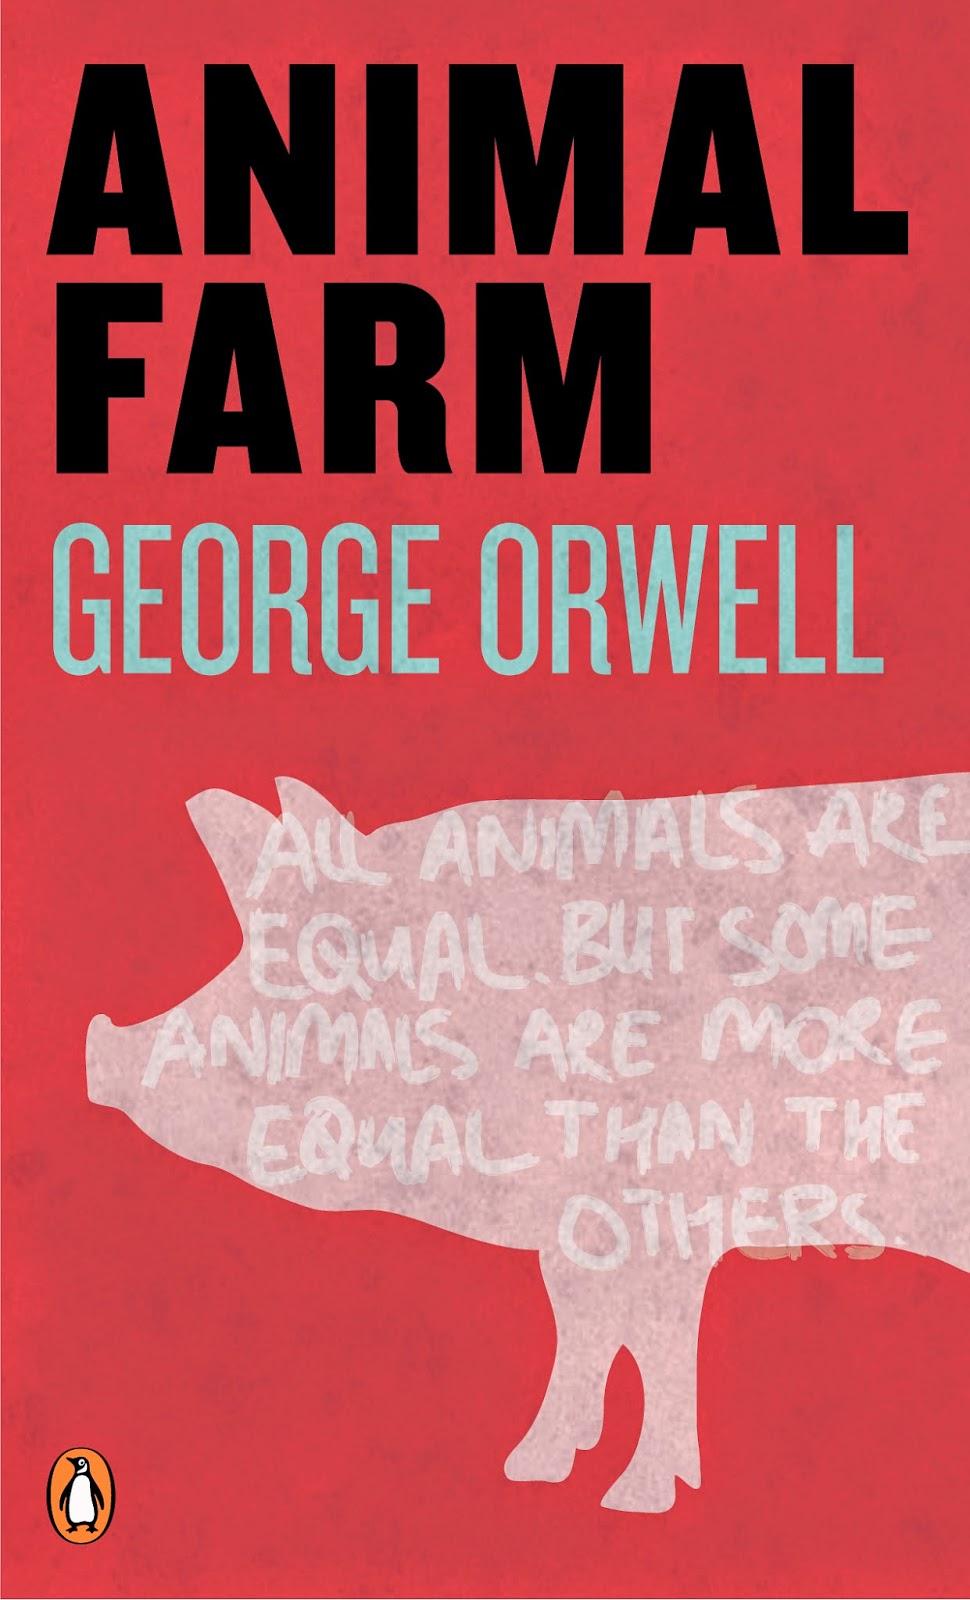 Download Animal Farm by George Orwell (PDF)